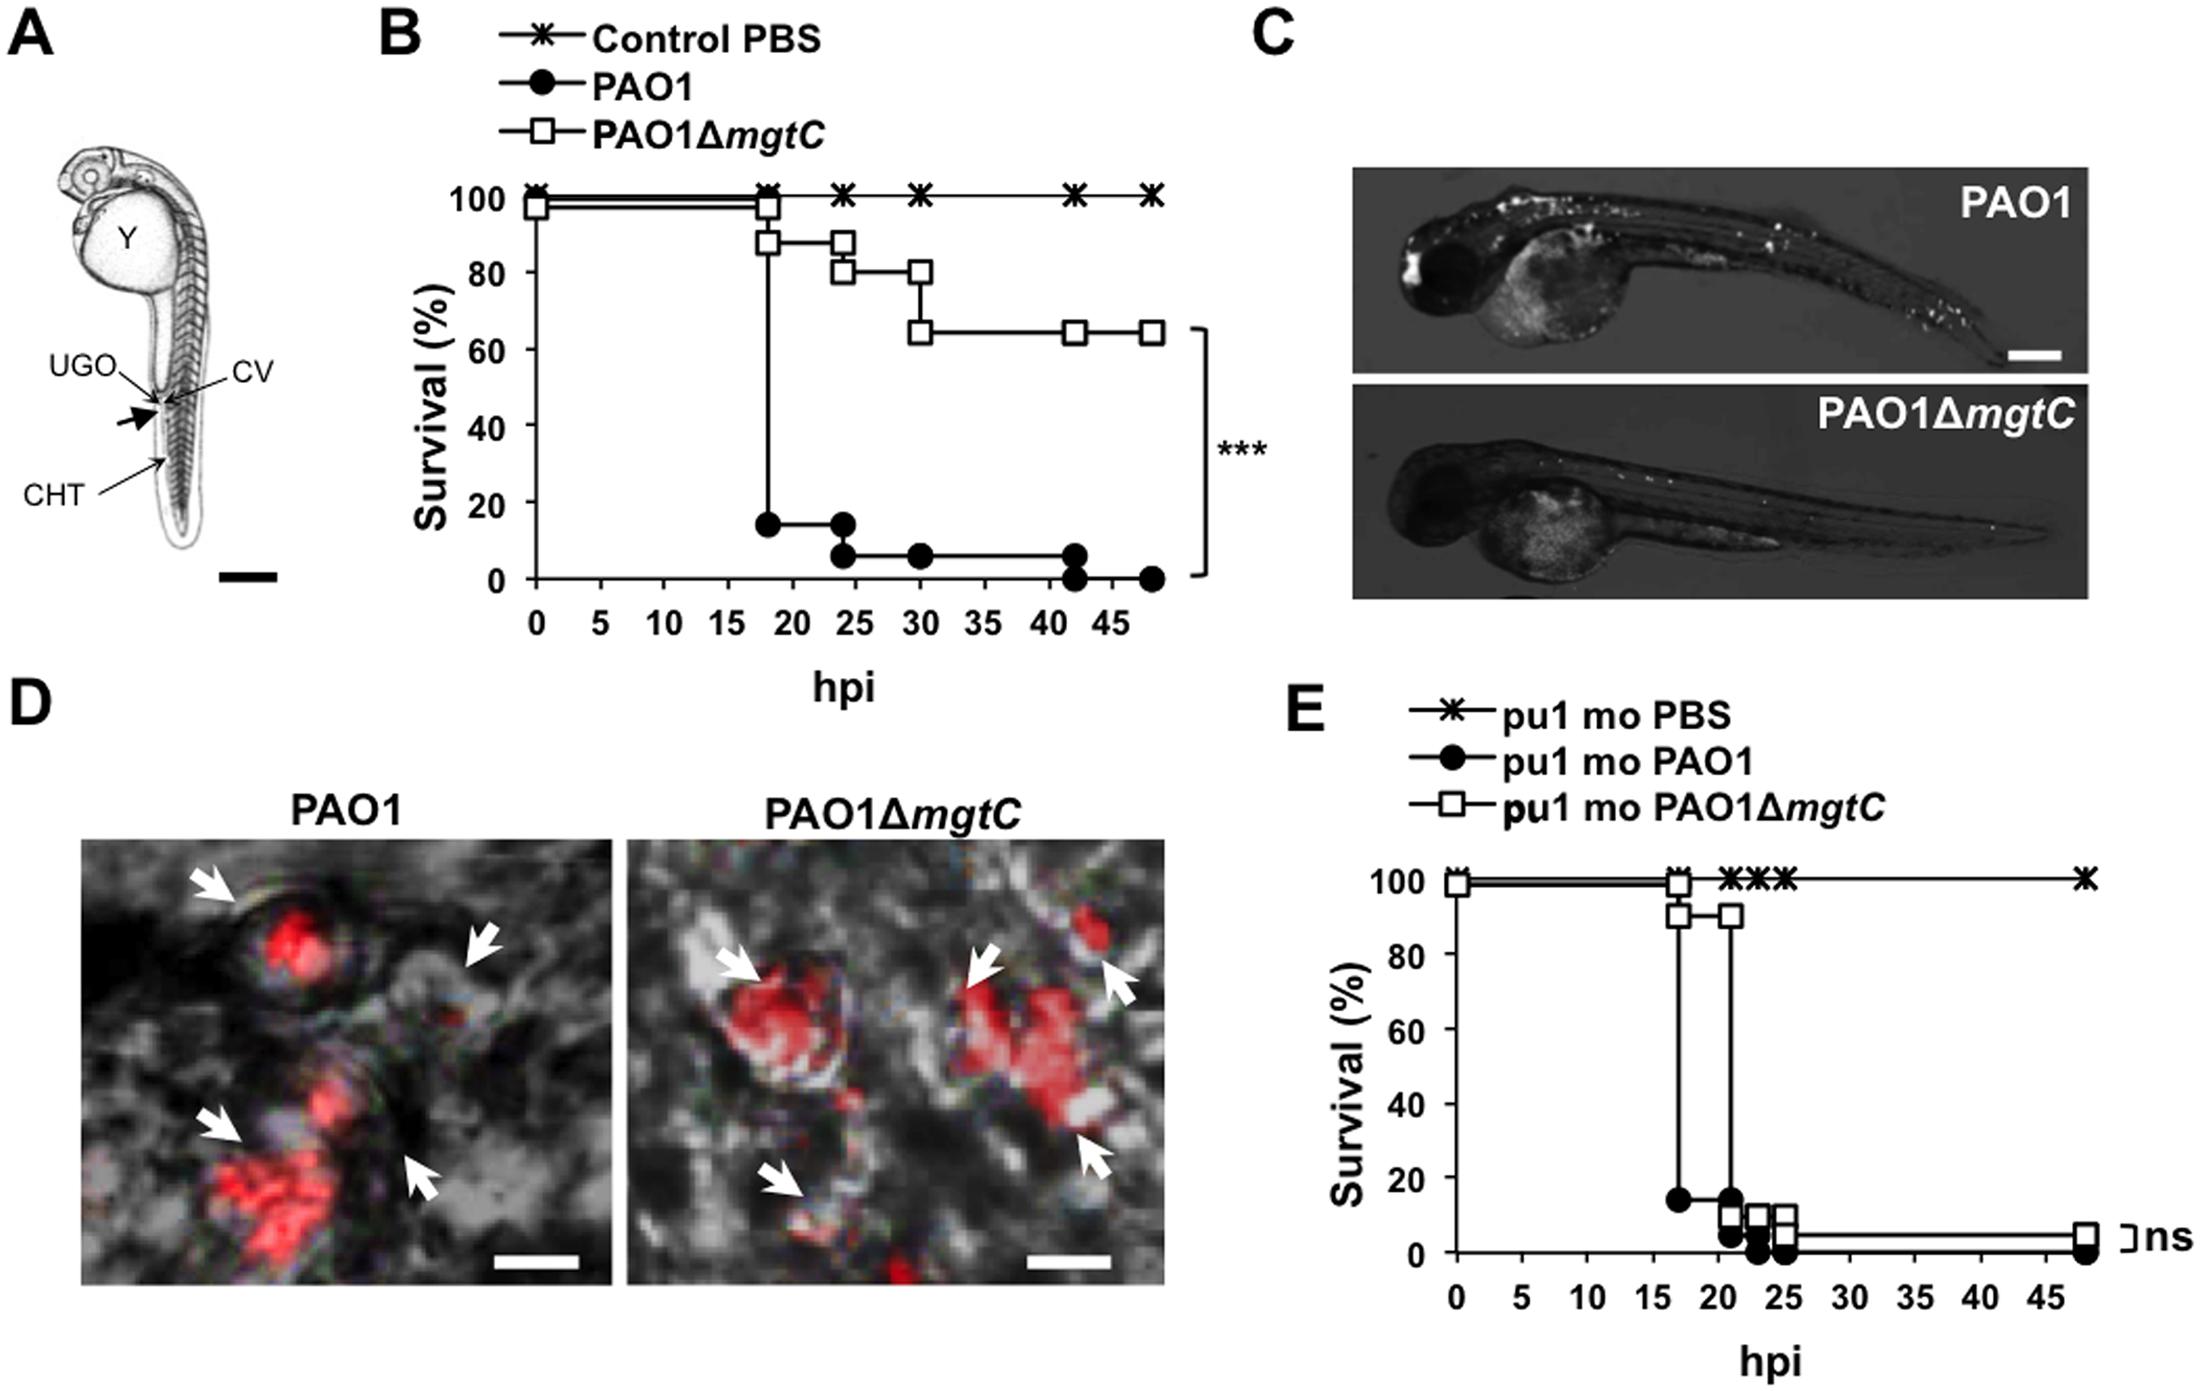 Infection of zebrafish embryos with the <i>P</i>. <i>aeruginosa mgtC</i> mutant.